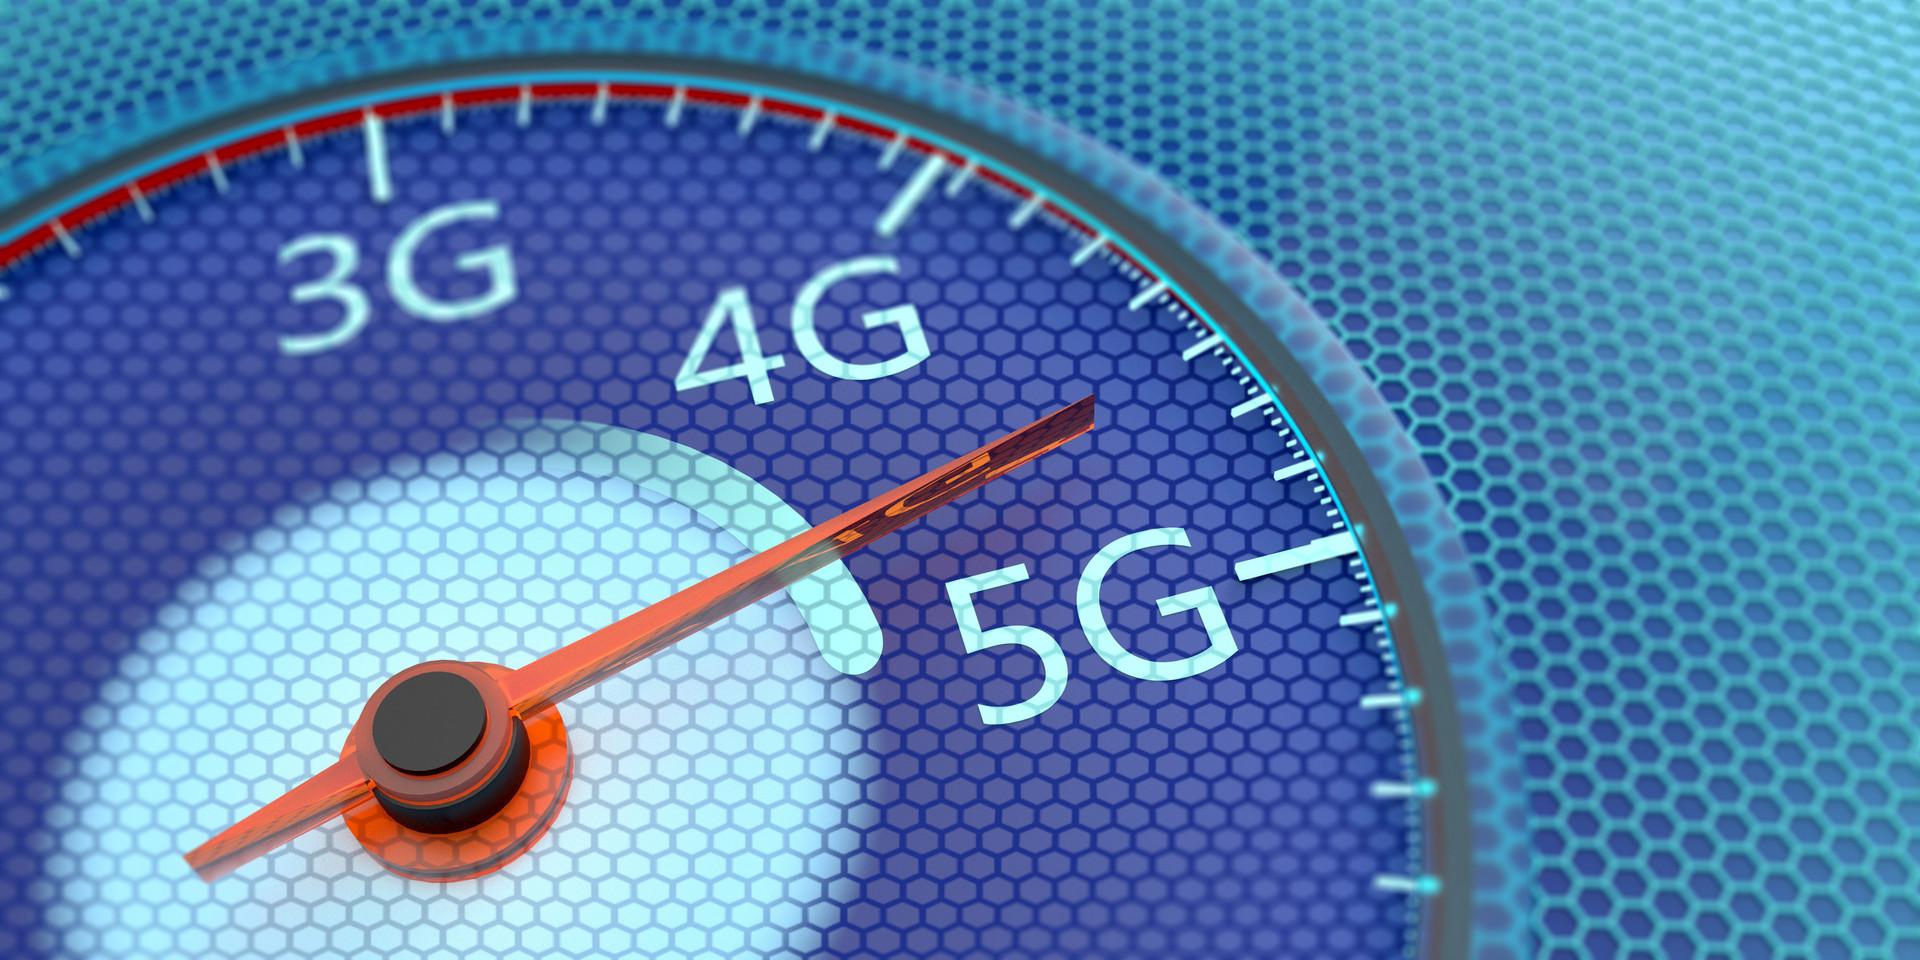 联发科5G芯片领跑,已通过5G独立组网连网通话测试